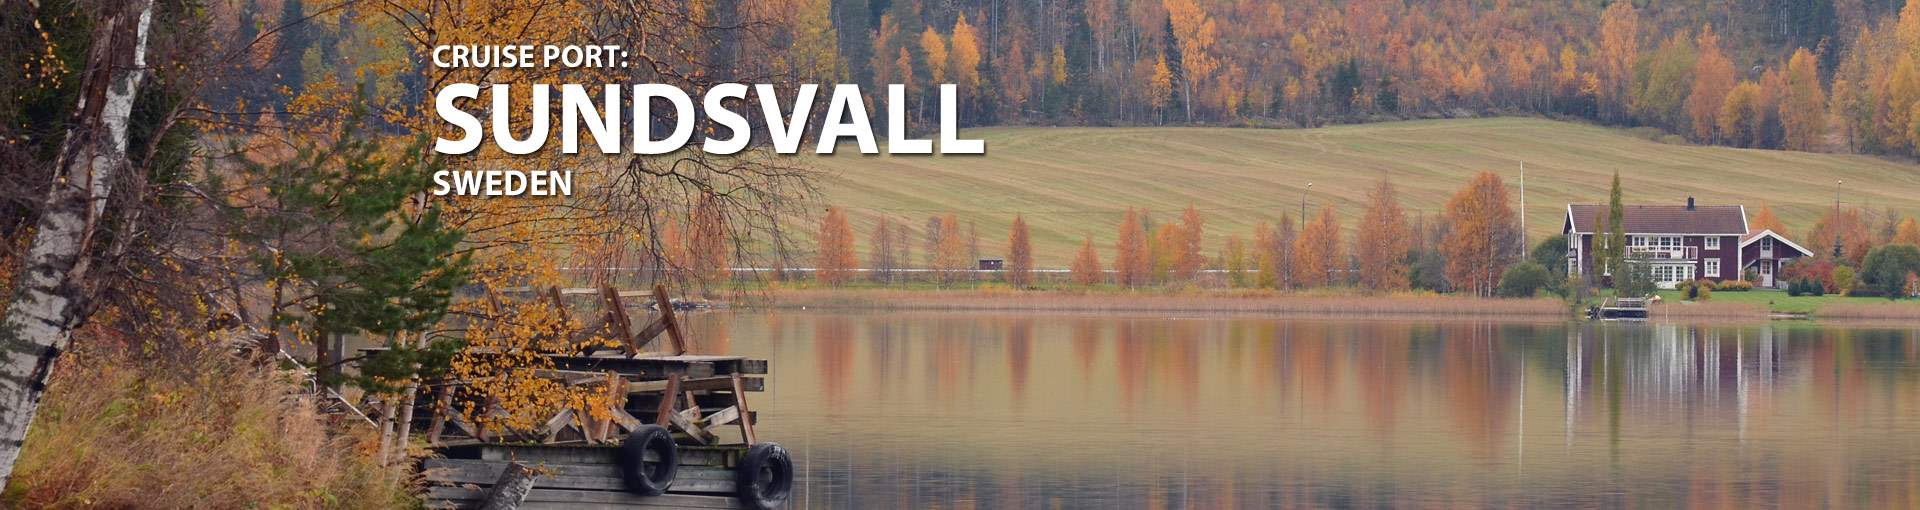 Sundsvall, Sweden Cruise Port